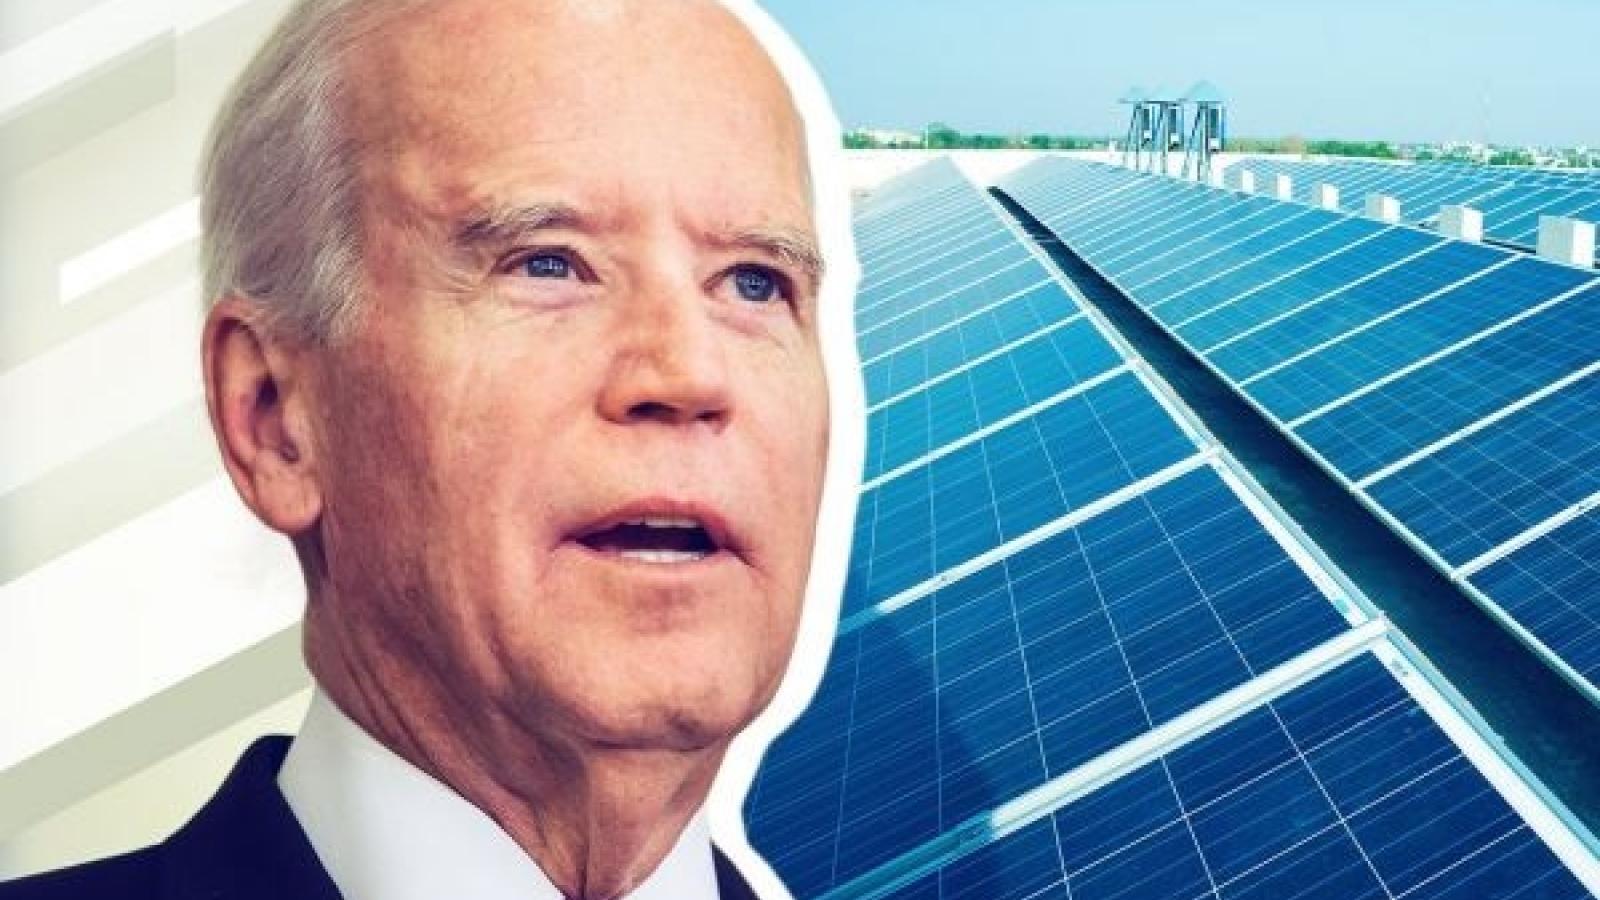 Mỹ công bố mục tiêu cắt giảm chi phí năng lượng